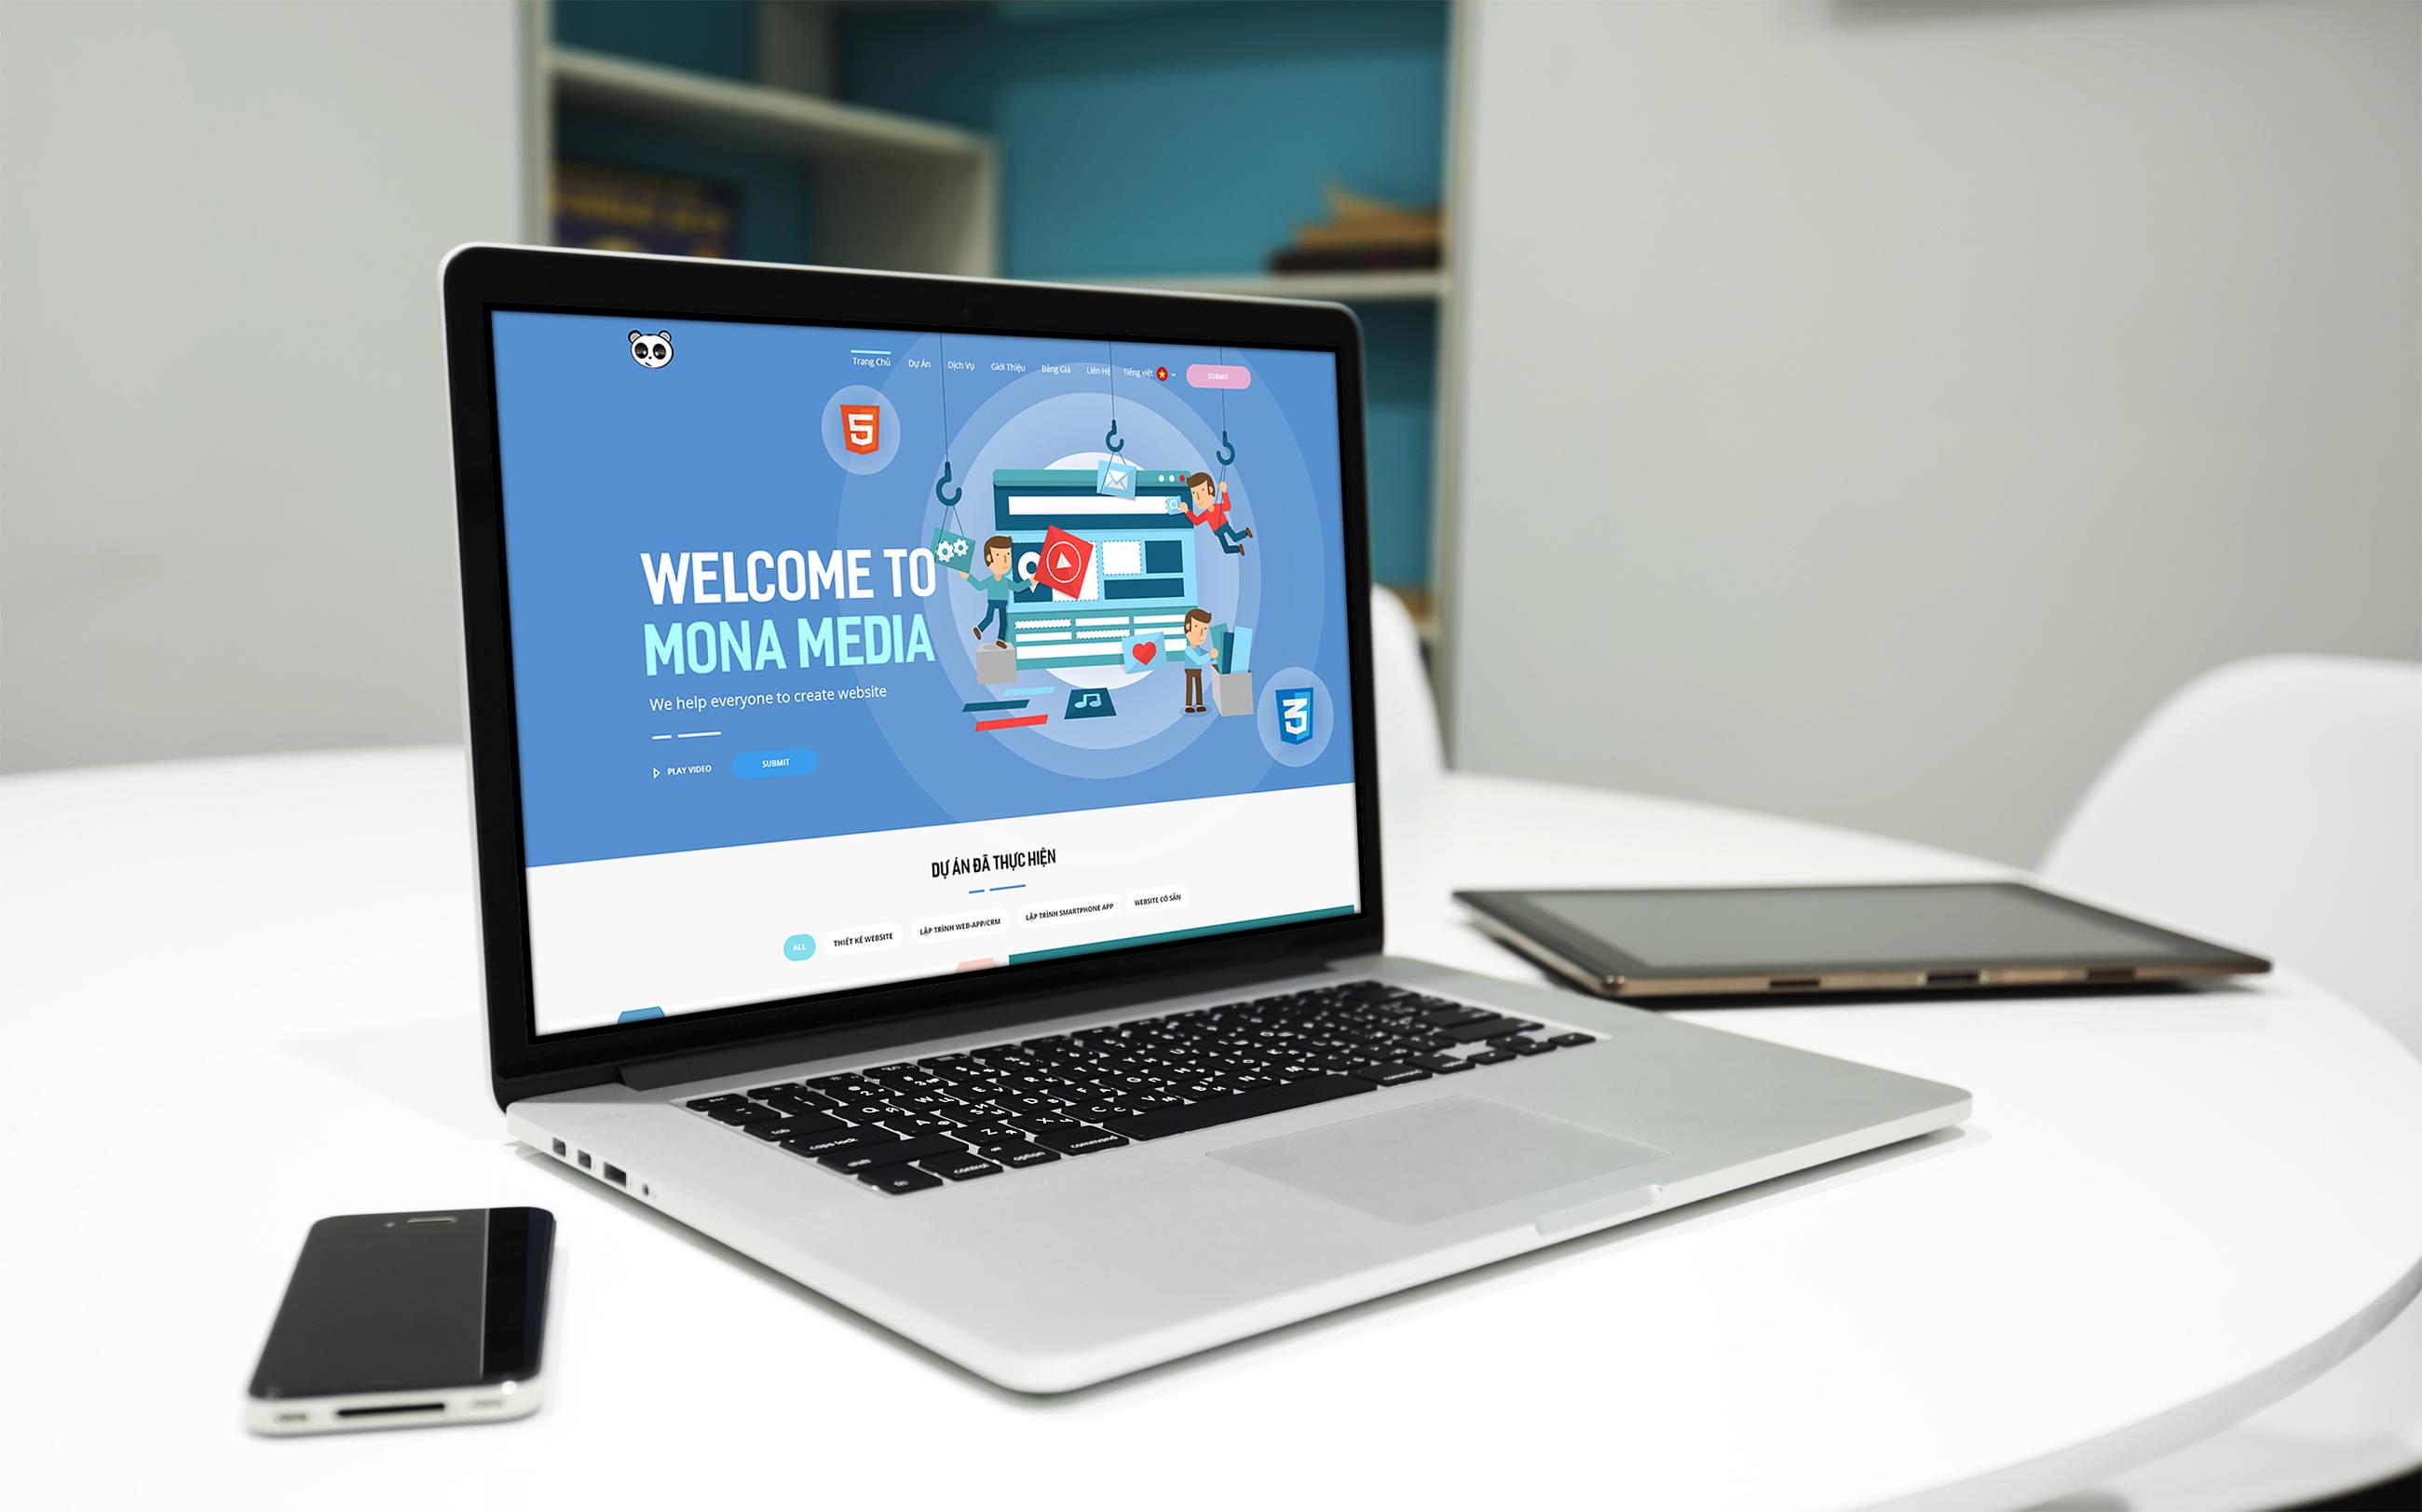 Thiết kế website ấn tượng, thu hút nhiều khách hàng truy cập